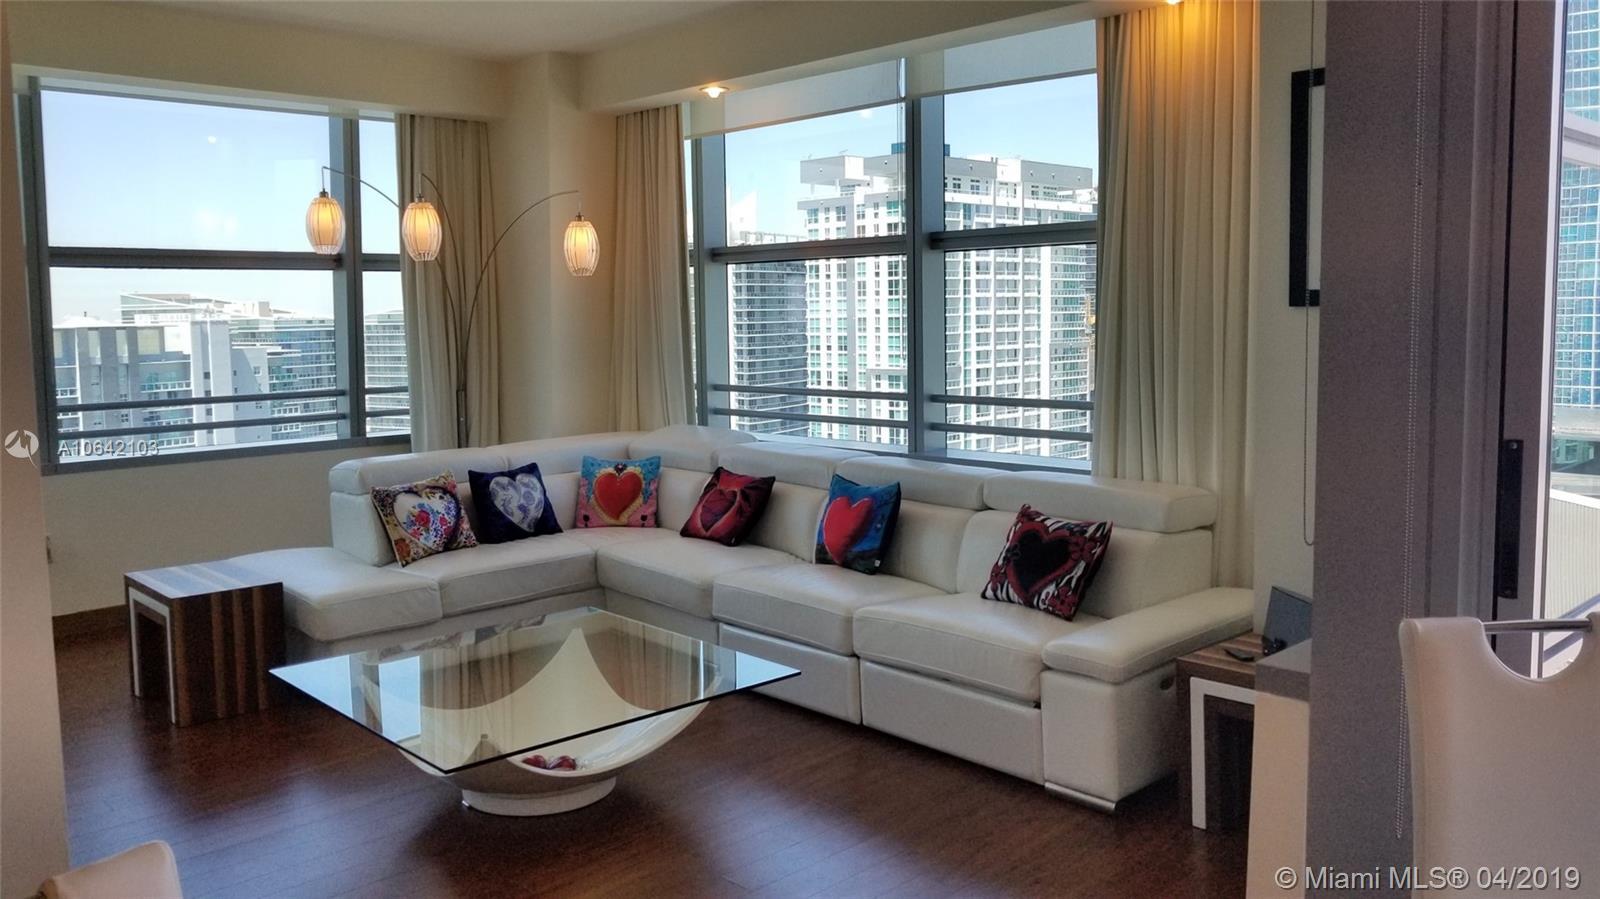 1395 Brickell Ave, 3101 - Miami, Florida